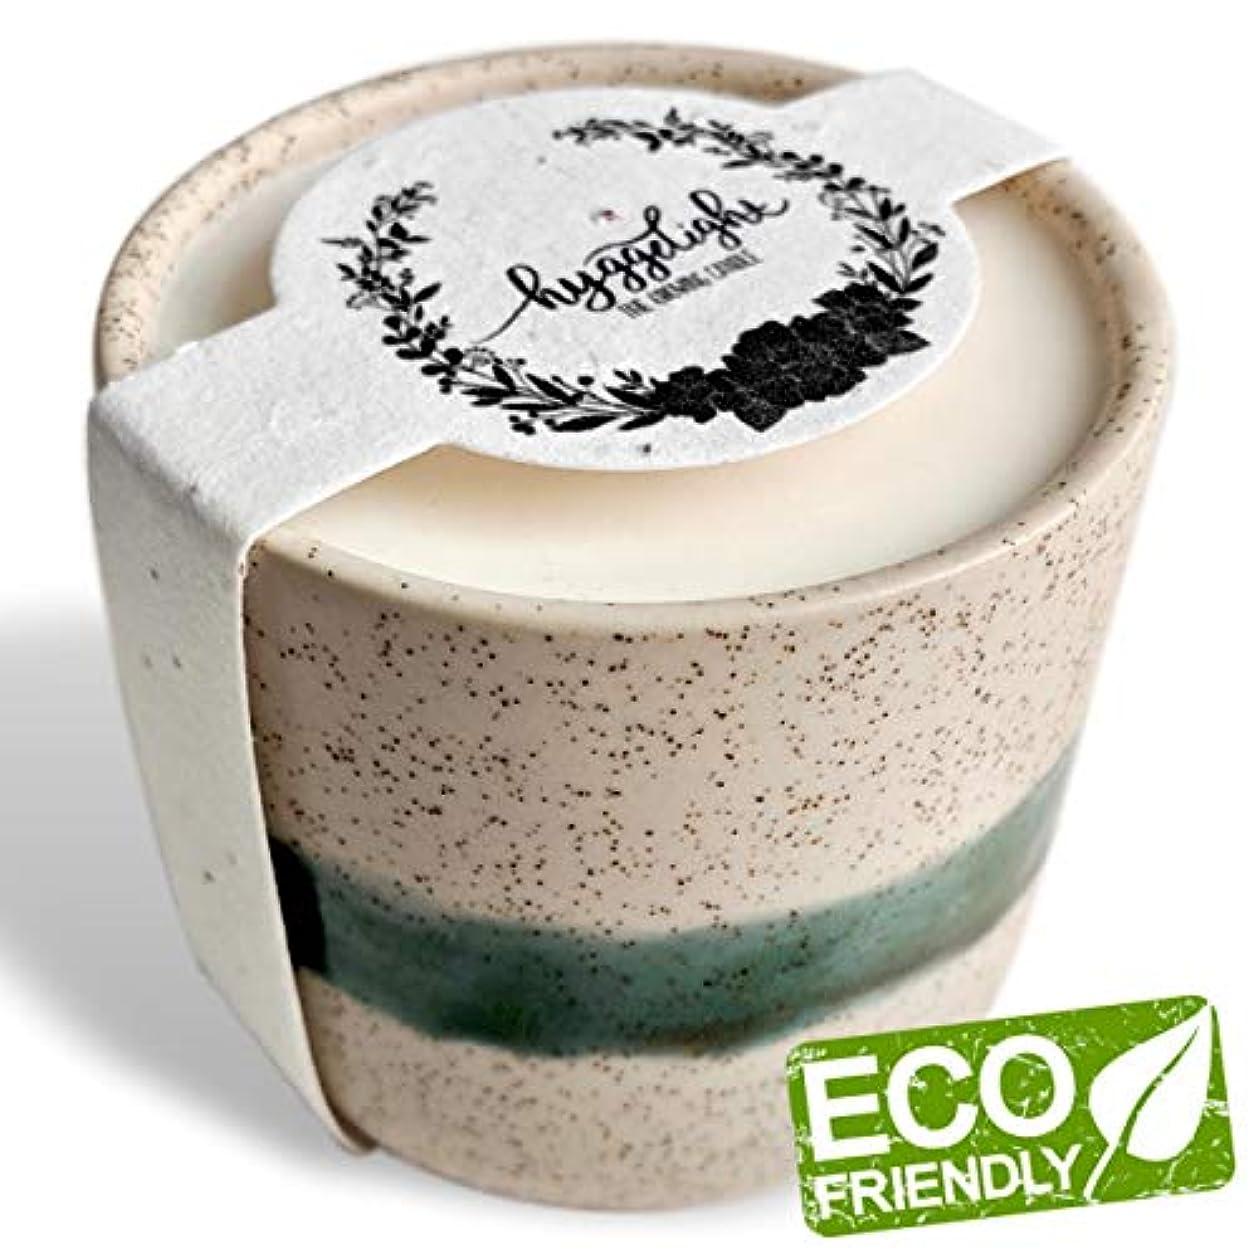 見落とすリー効果的にEdithコレクション8.5 Oz – 100 %大豆Hyggeキャンドル、再利用可能なセラミック+テラコッタプランターポットコンテナ、Eco Friendly、エッセンシャルオイル、有機香り、非GMO Wildflower...